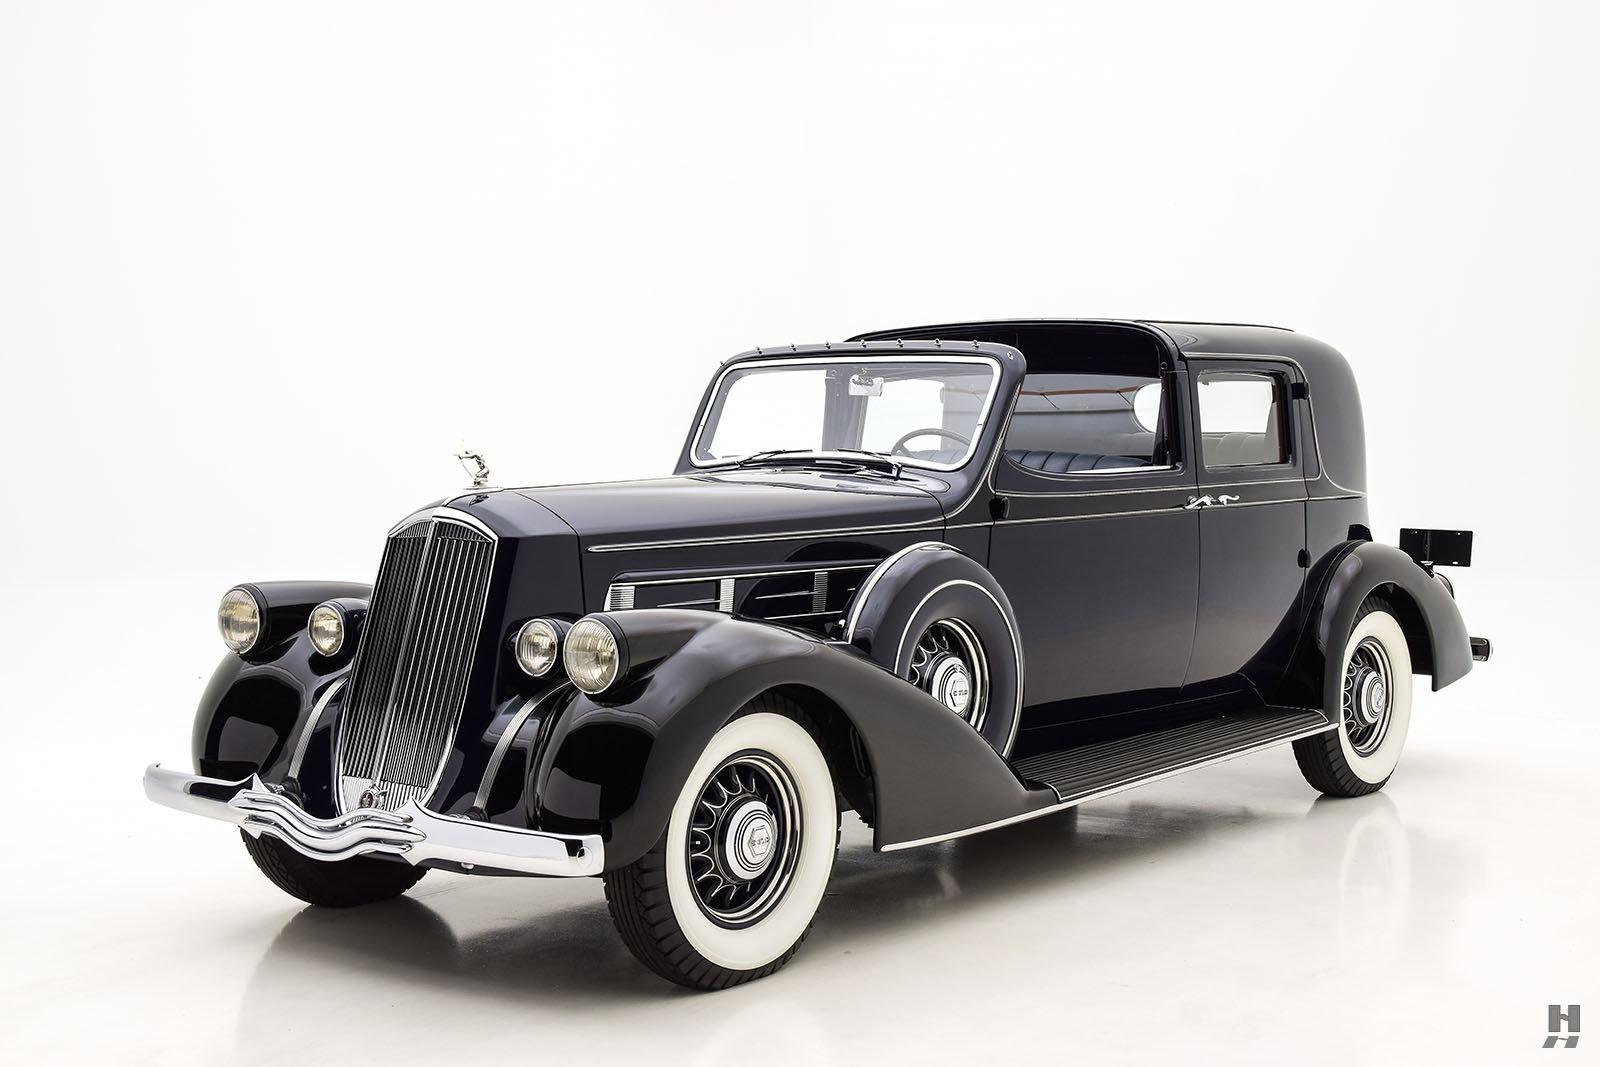 1936 PIERCE ARROW SALON TWELVE TOWN CAR BY DERHAM For Sale (picture 1 of 6)